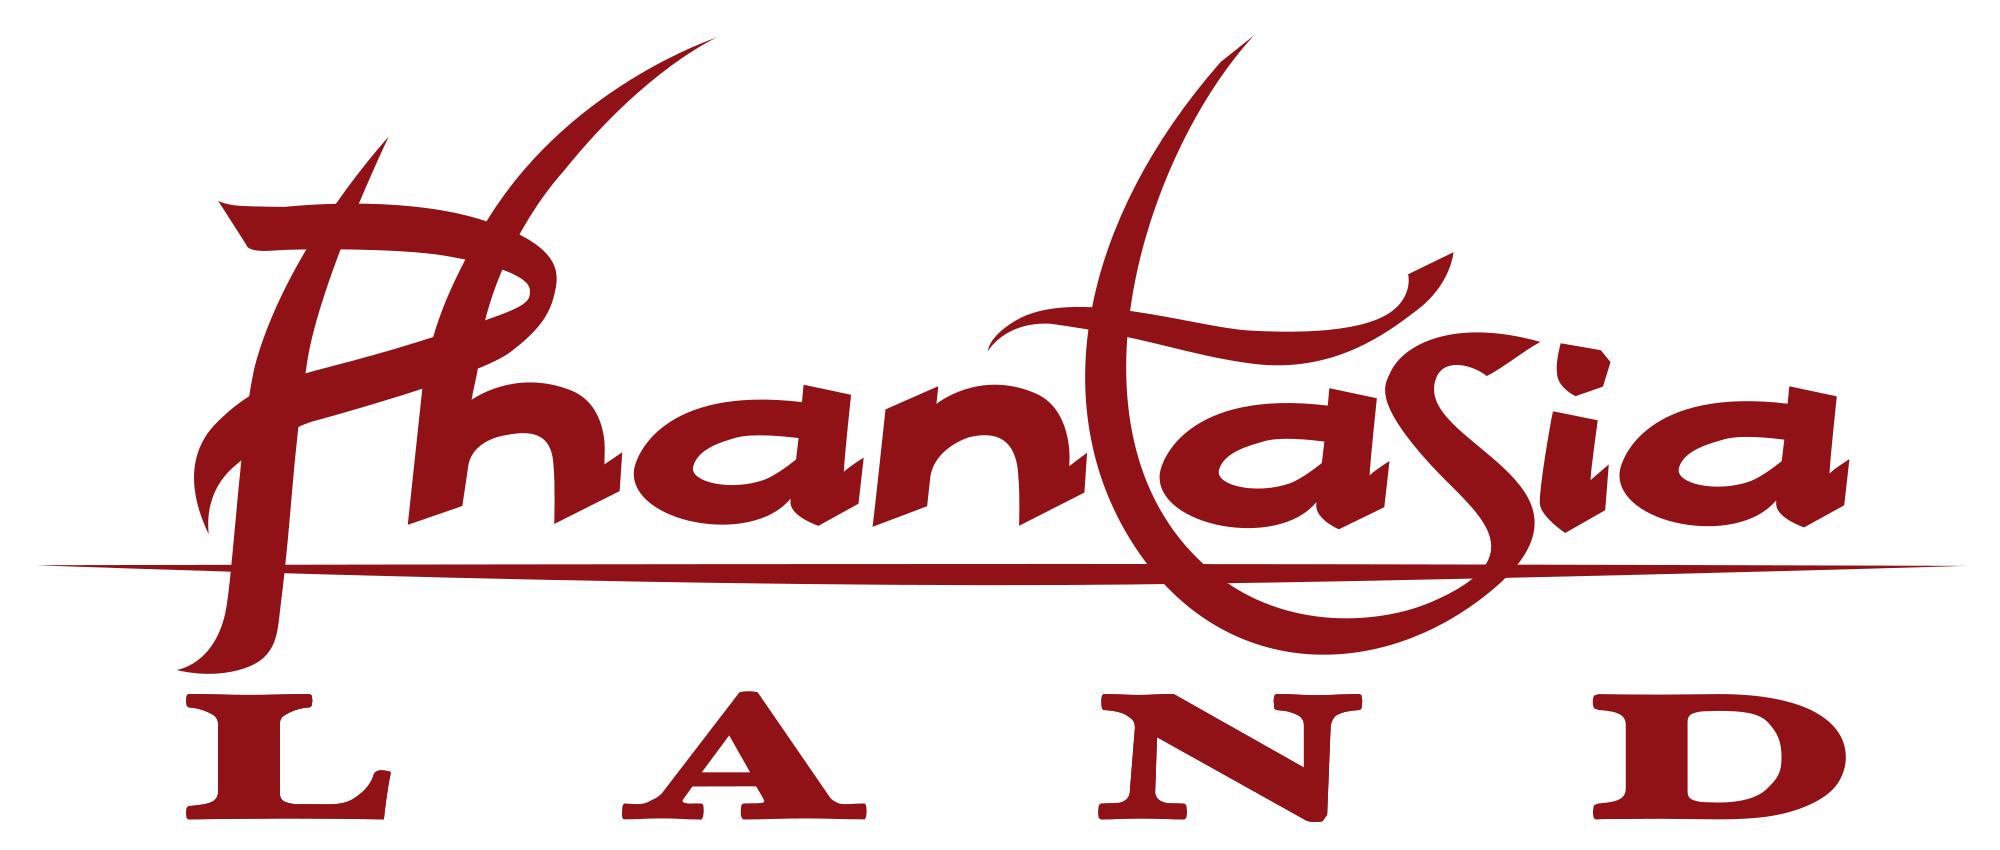 Pour toute visite à Phantasialand avant le 1er mai = La seconde est offerte (Frontaliers Allemagne)